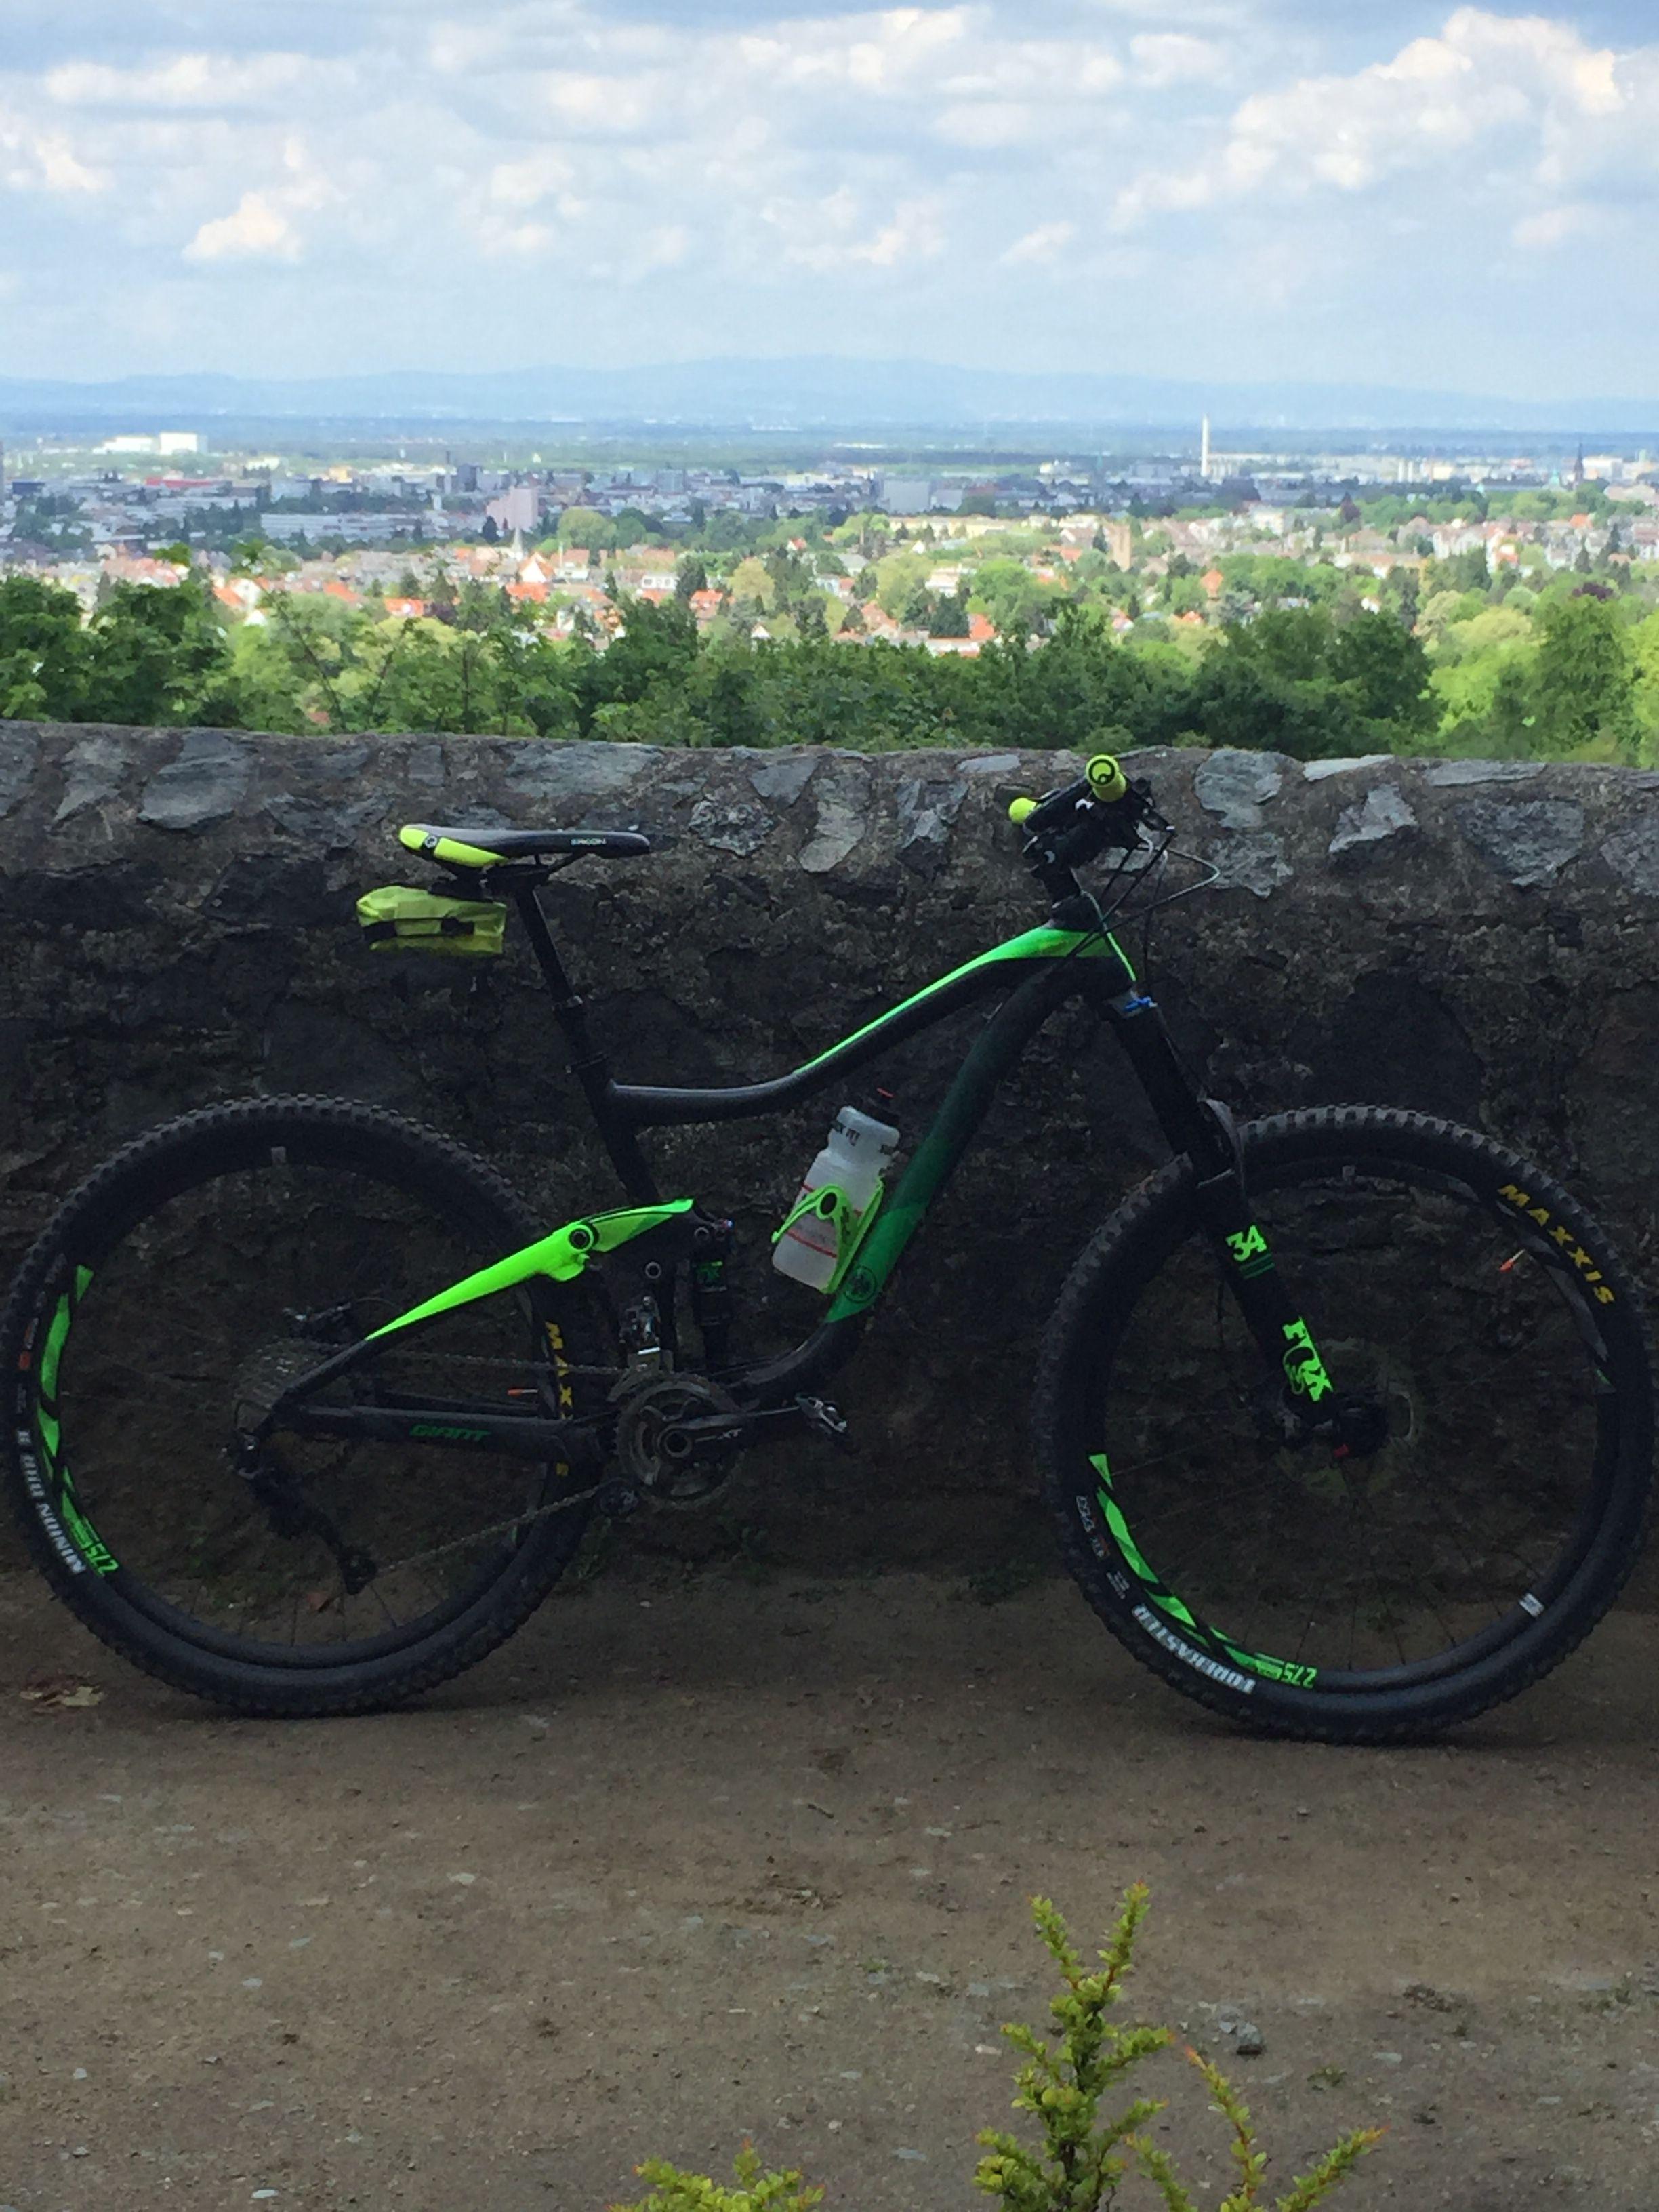 97407c3e7aa Giant Trance 1.5 LTD 2017 | Mountain Biking/Cycling | Giant trance ...